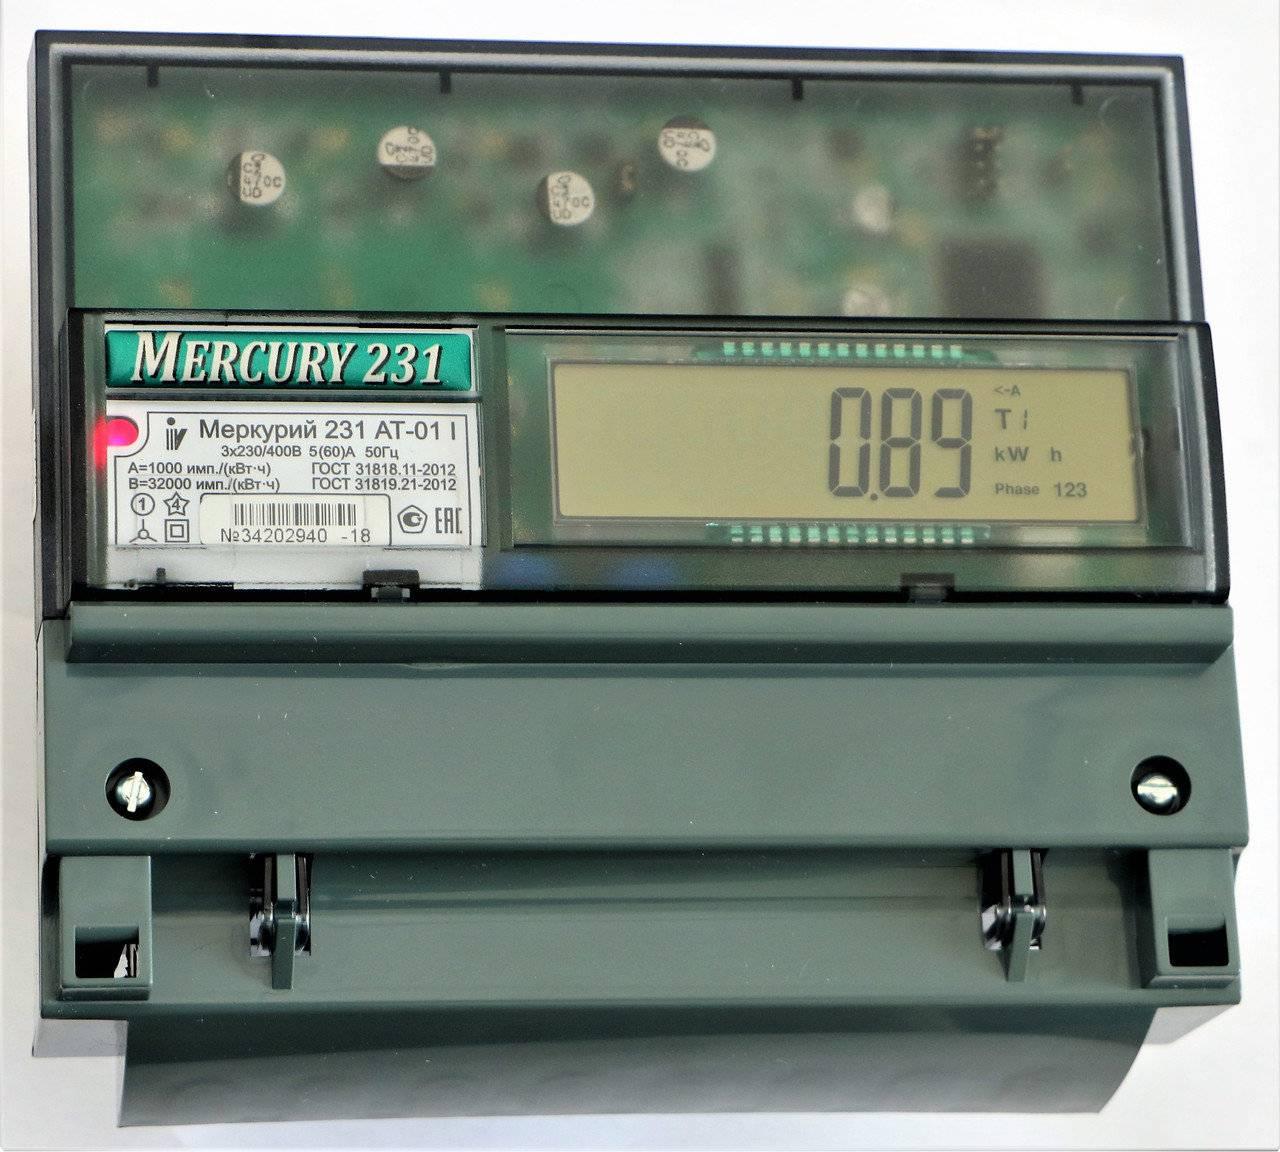 Счетчик электроэнергии прямого включения меркурий 230 art-02 rn 10(100)а трехфазный (380в) многотарифный, rs485